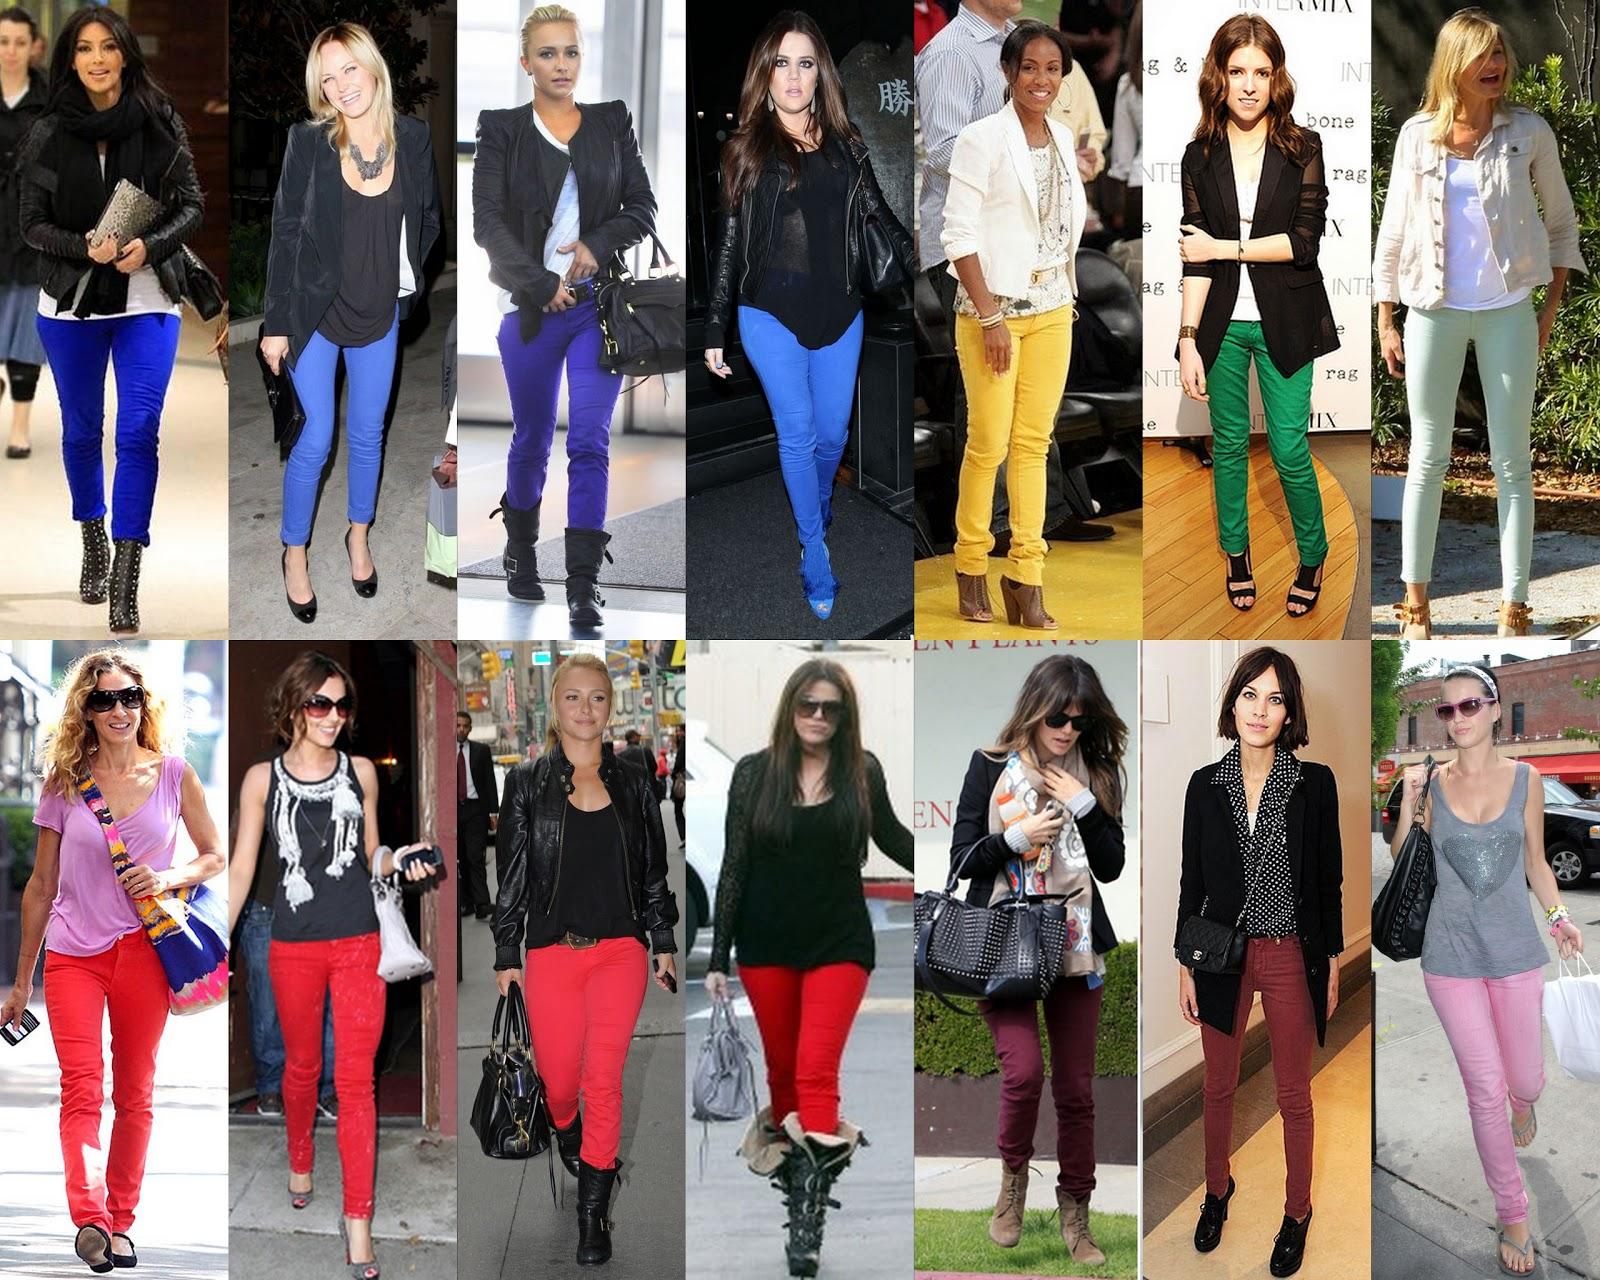 http://3.bp.blogspot.com/-v-irXb2aL1g/Td5NQeFWk9I/AAAAAAAAAoI/Bgqs6_XNOpY/s1600/colored+jeans.jpg